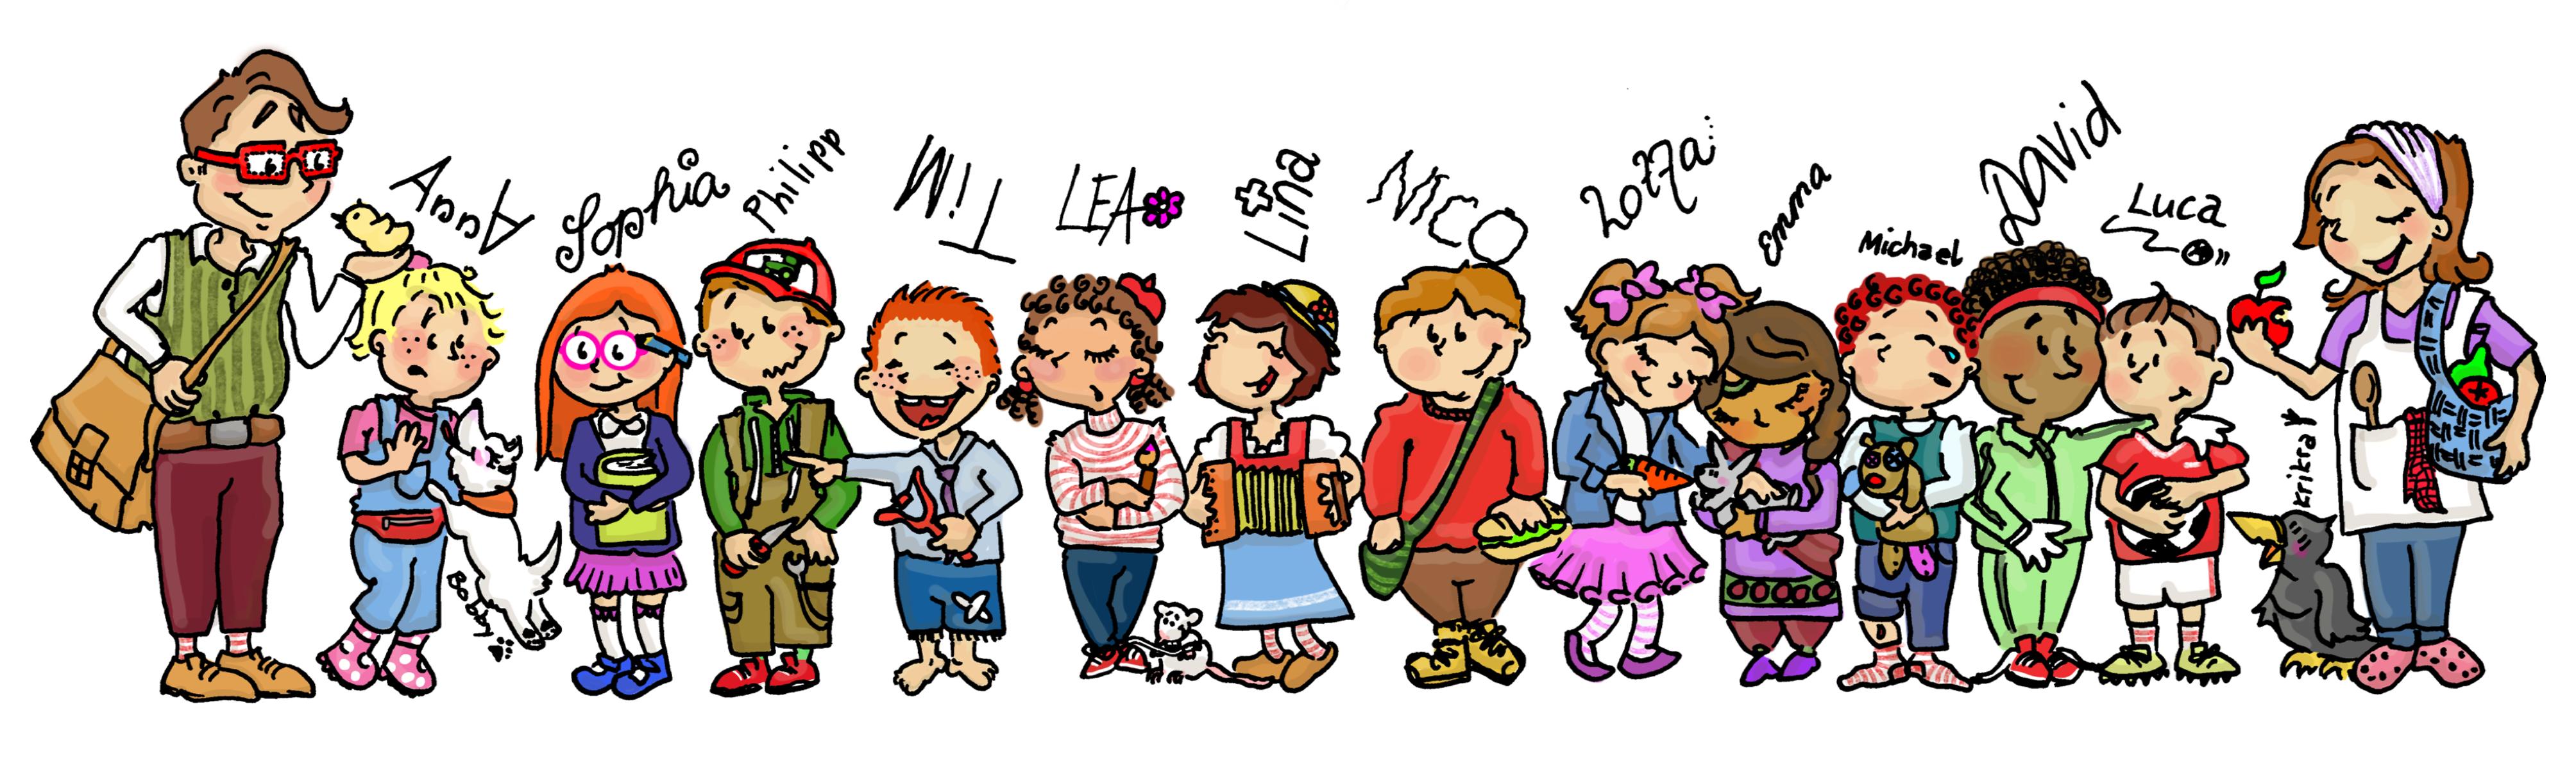 Schulklasse Buurehof erläbe, Illustration von Vida Sprenger vidART.ch